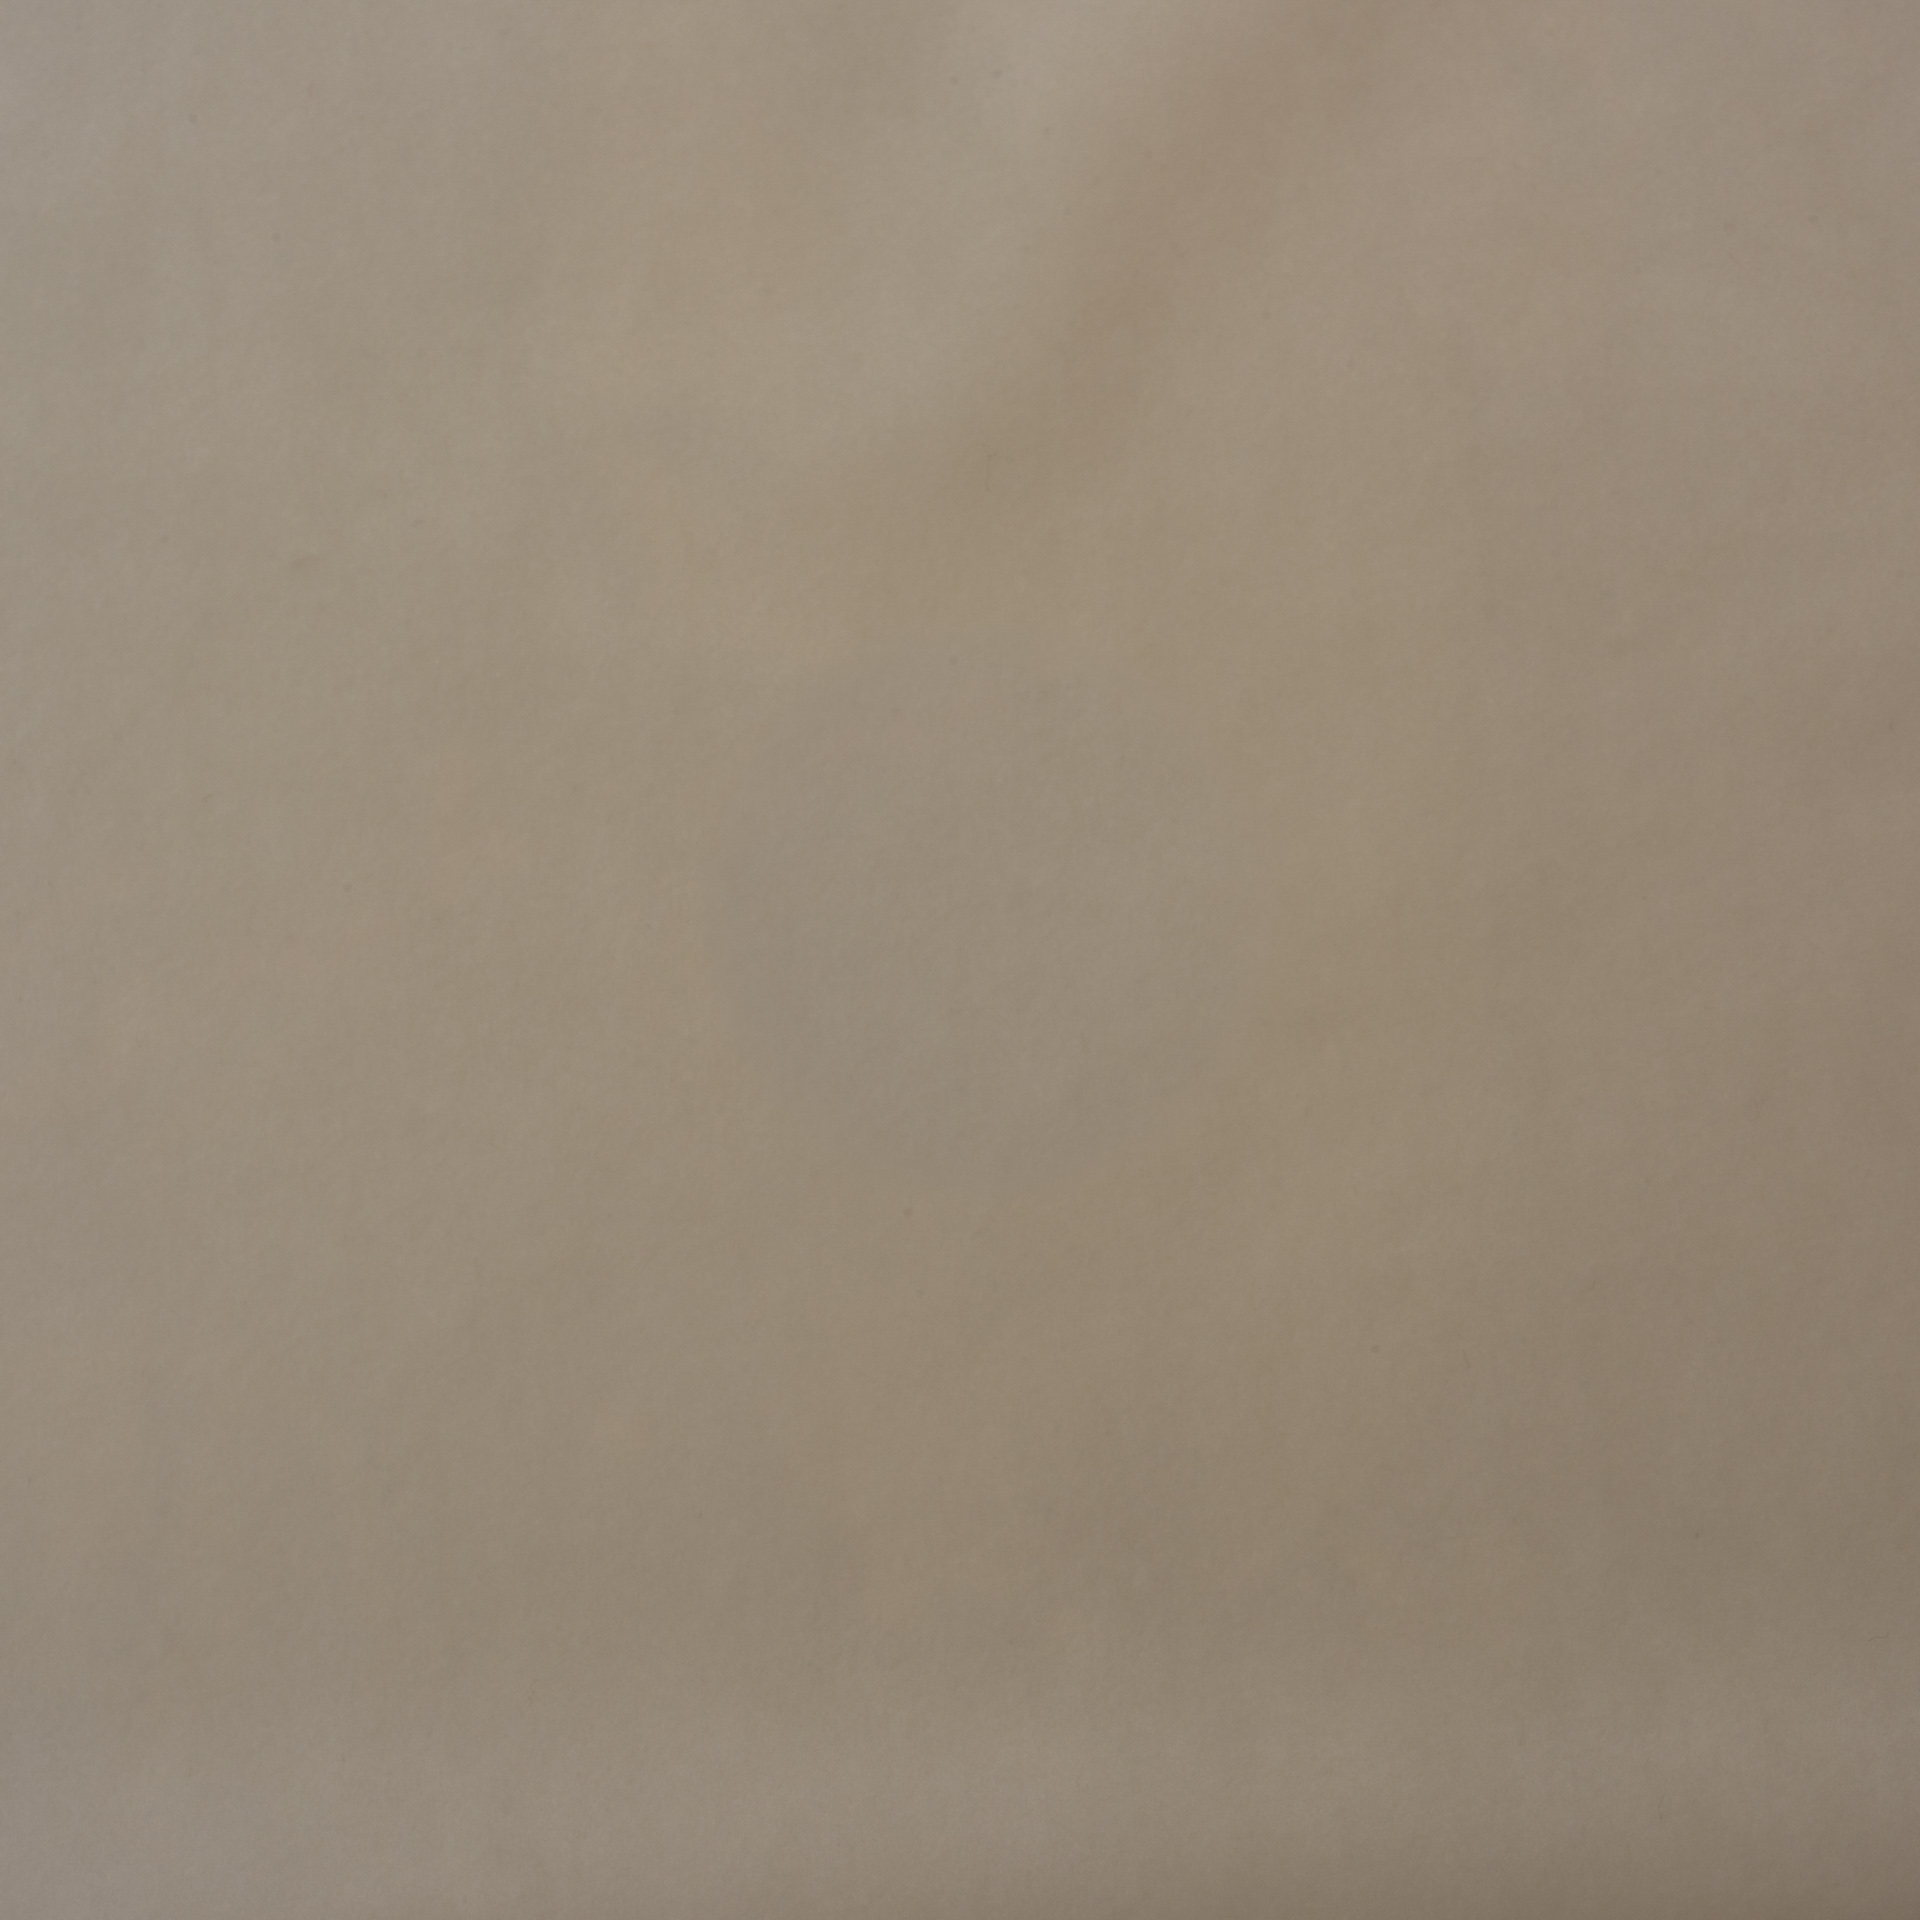 Коллекция ткани Альмира 01 STARK WHITE,  купить ткань Велюр для мебели Украина